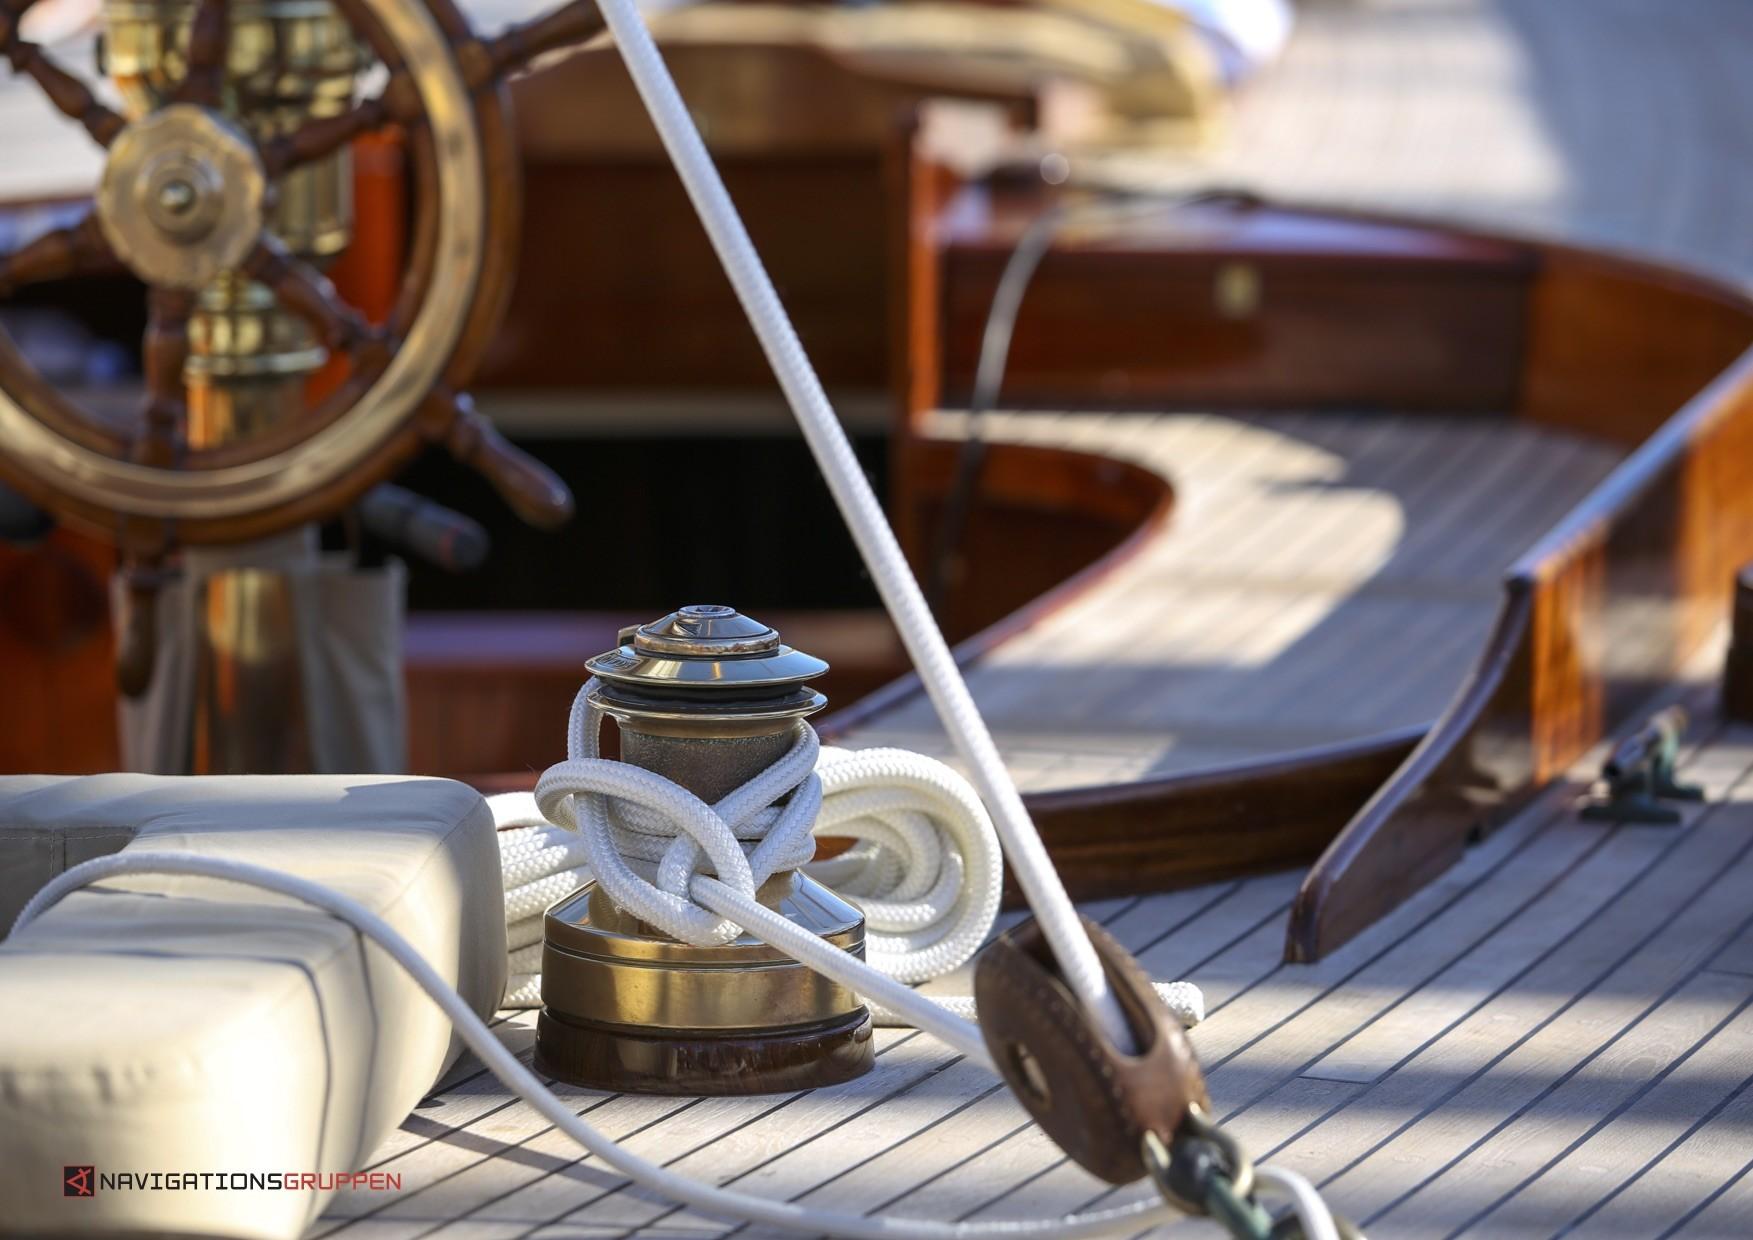 fin sittbrunn Navigationsgruppen